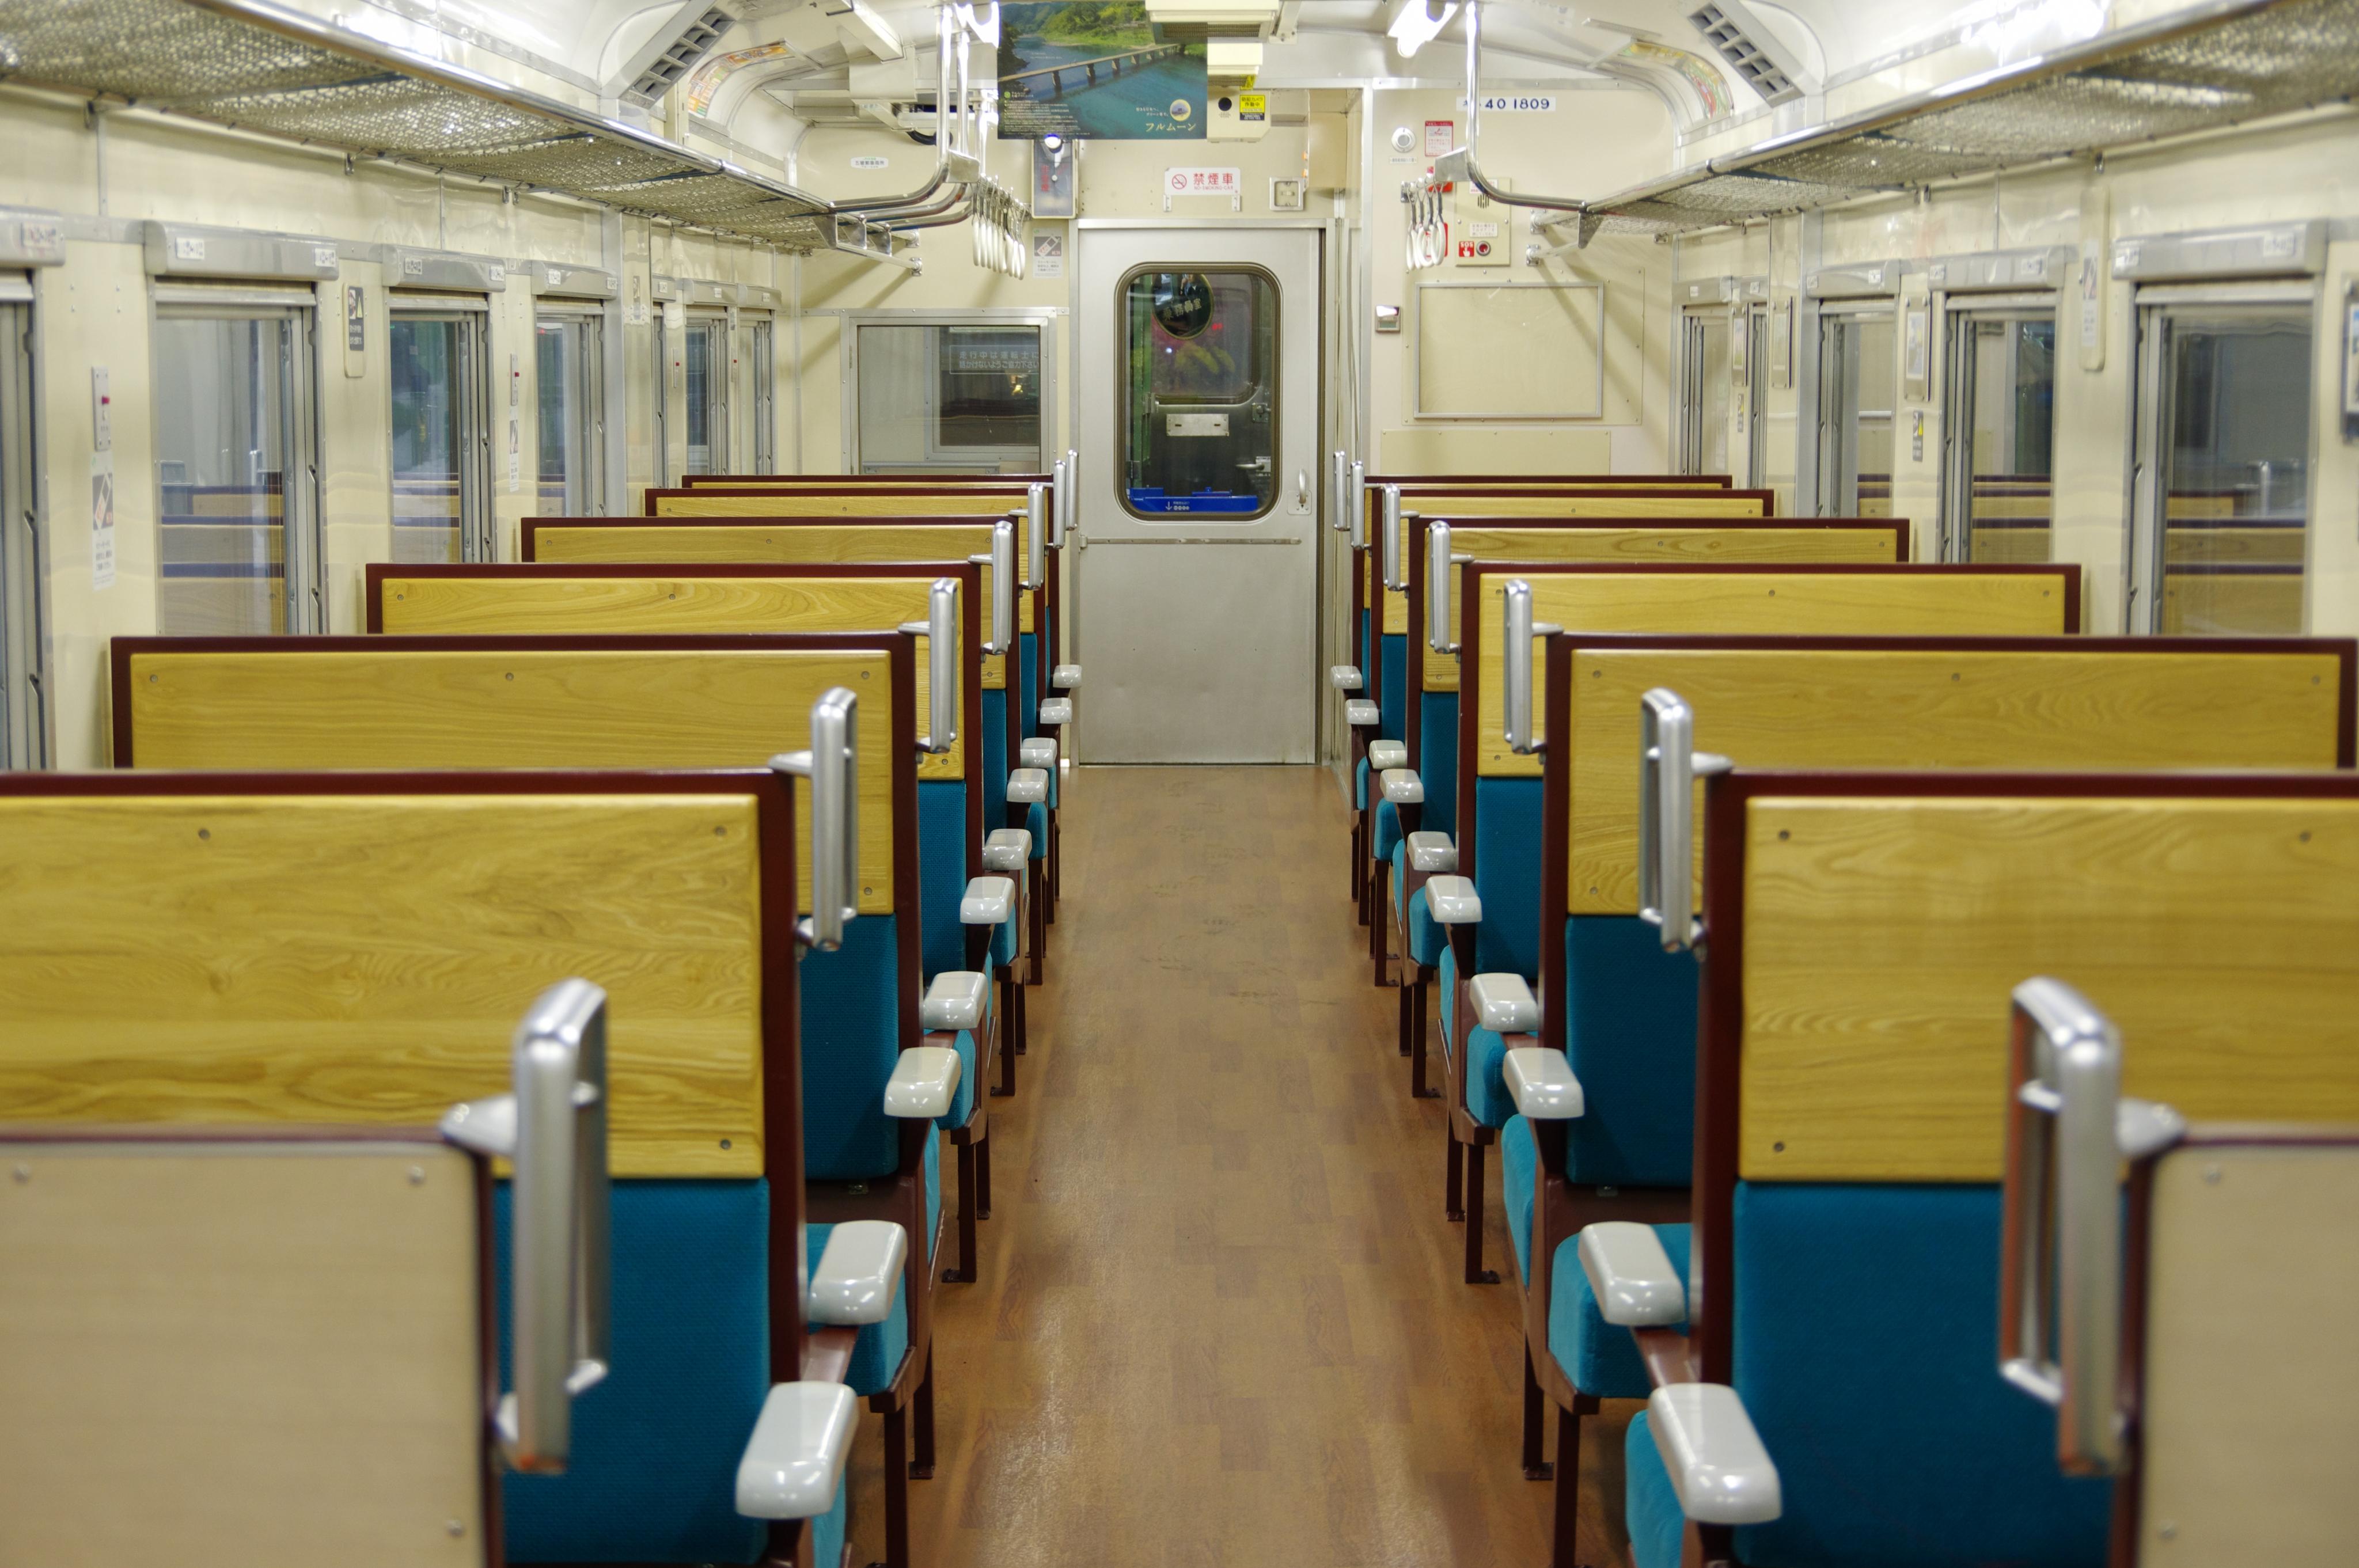 キハ40 海の恵み号 車内 5887D 函館駅_190120.jpg